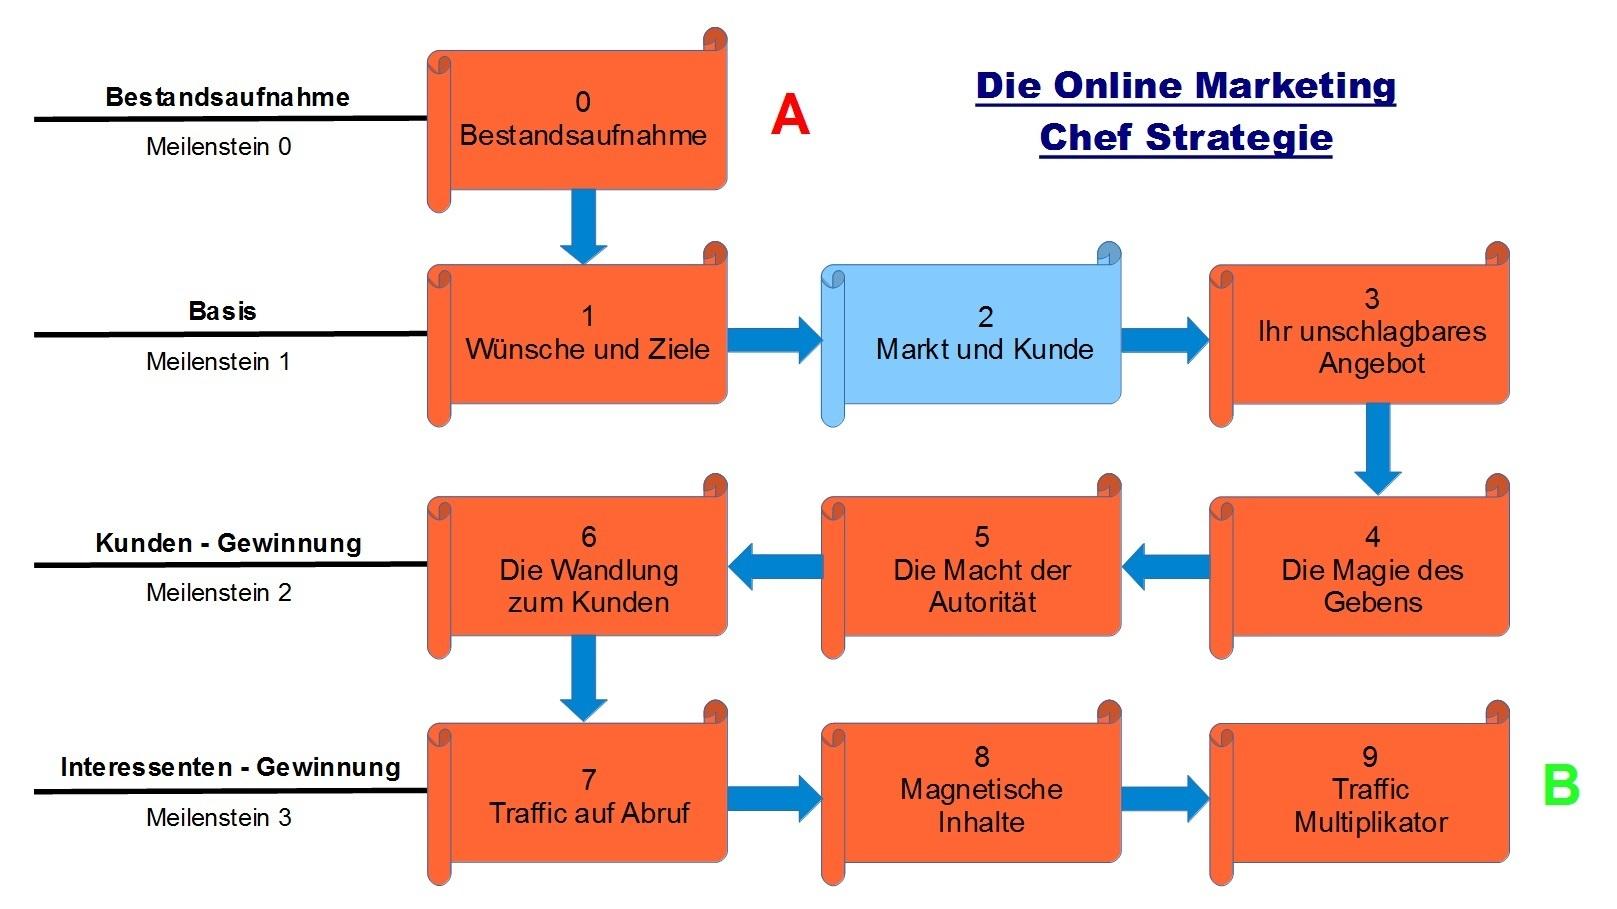 Schritt 2 - Die Online Marketing Chef Strategie